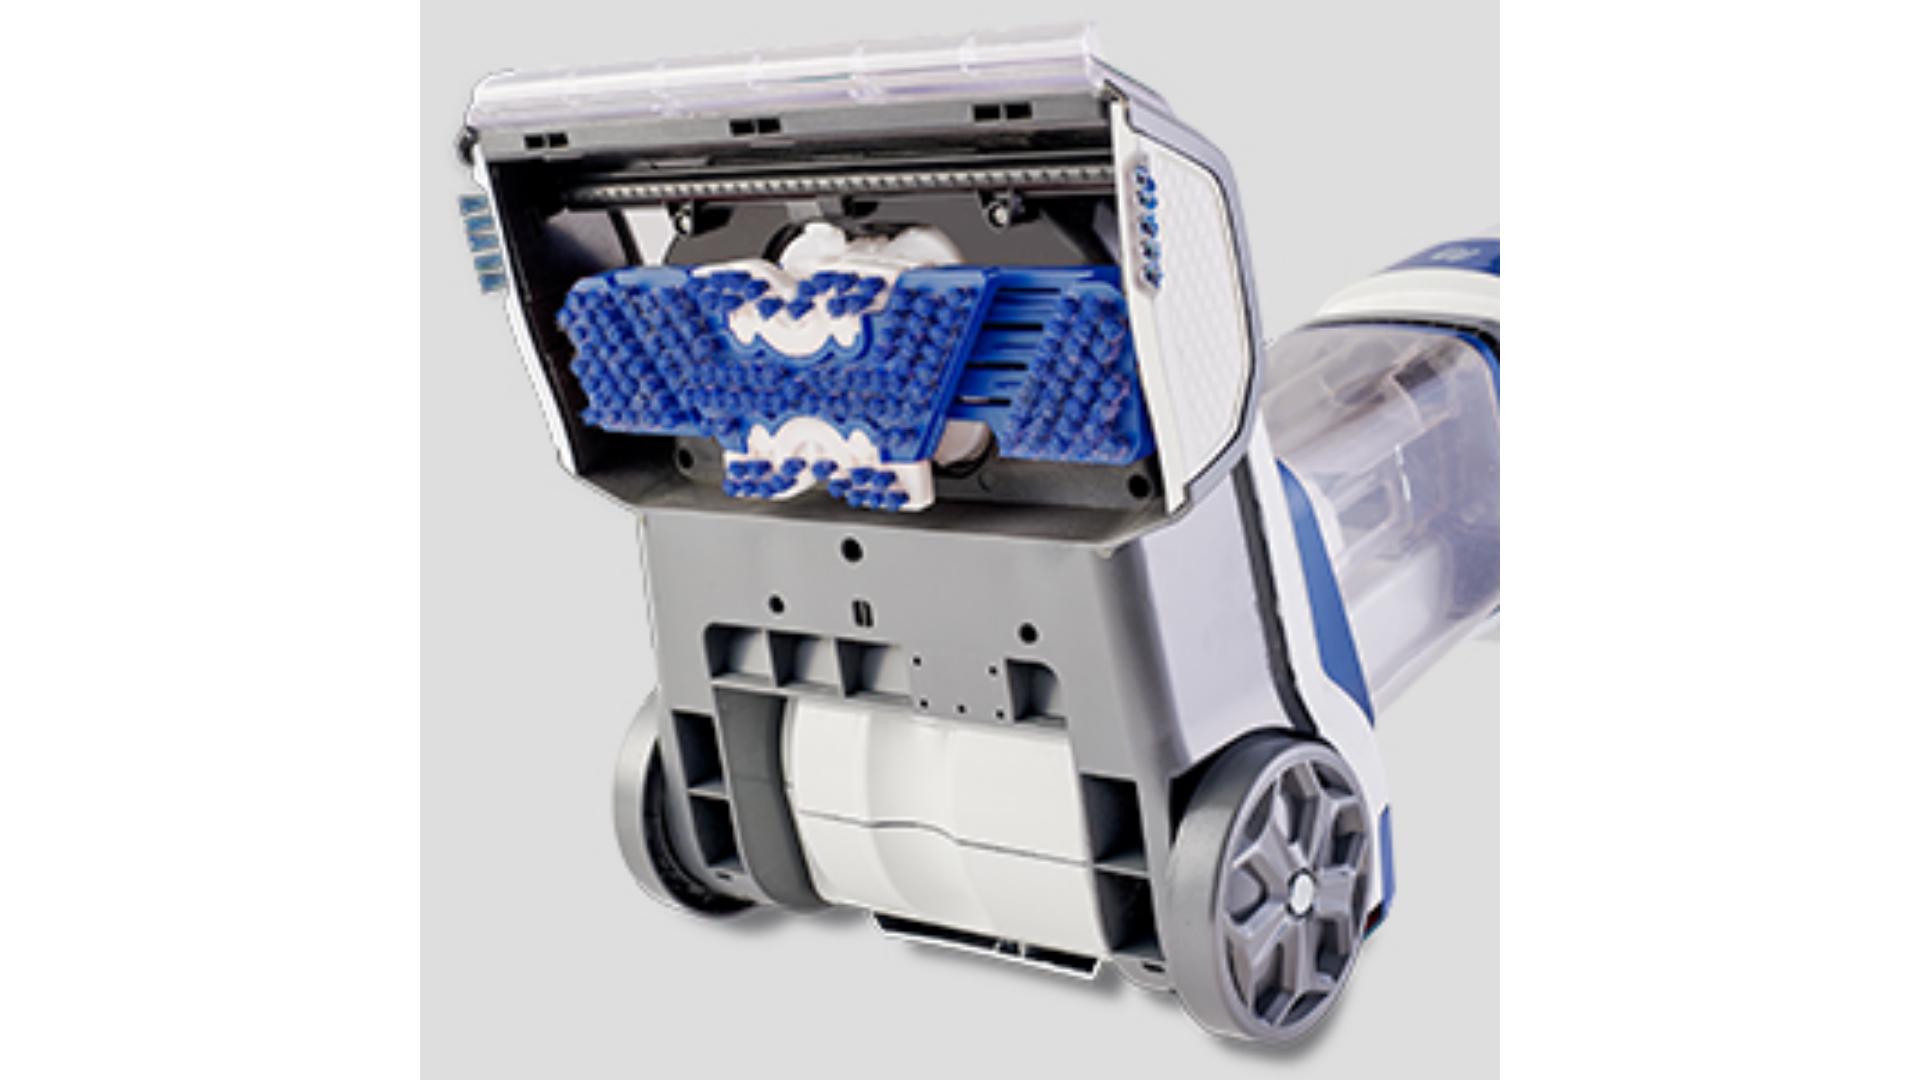 A WAP Comfort Cleaner Pro tem escovas elétricas na parte debaixo para ajudar na limpeza de tapetes e carpetes. (Imagem: Divulgação/WAP)